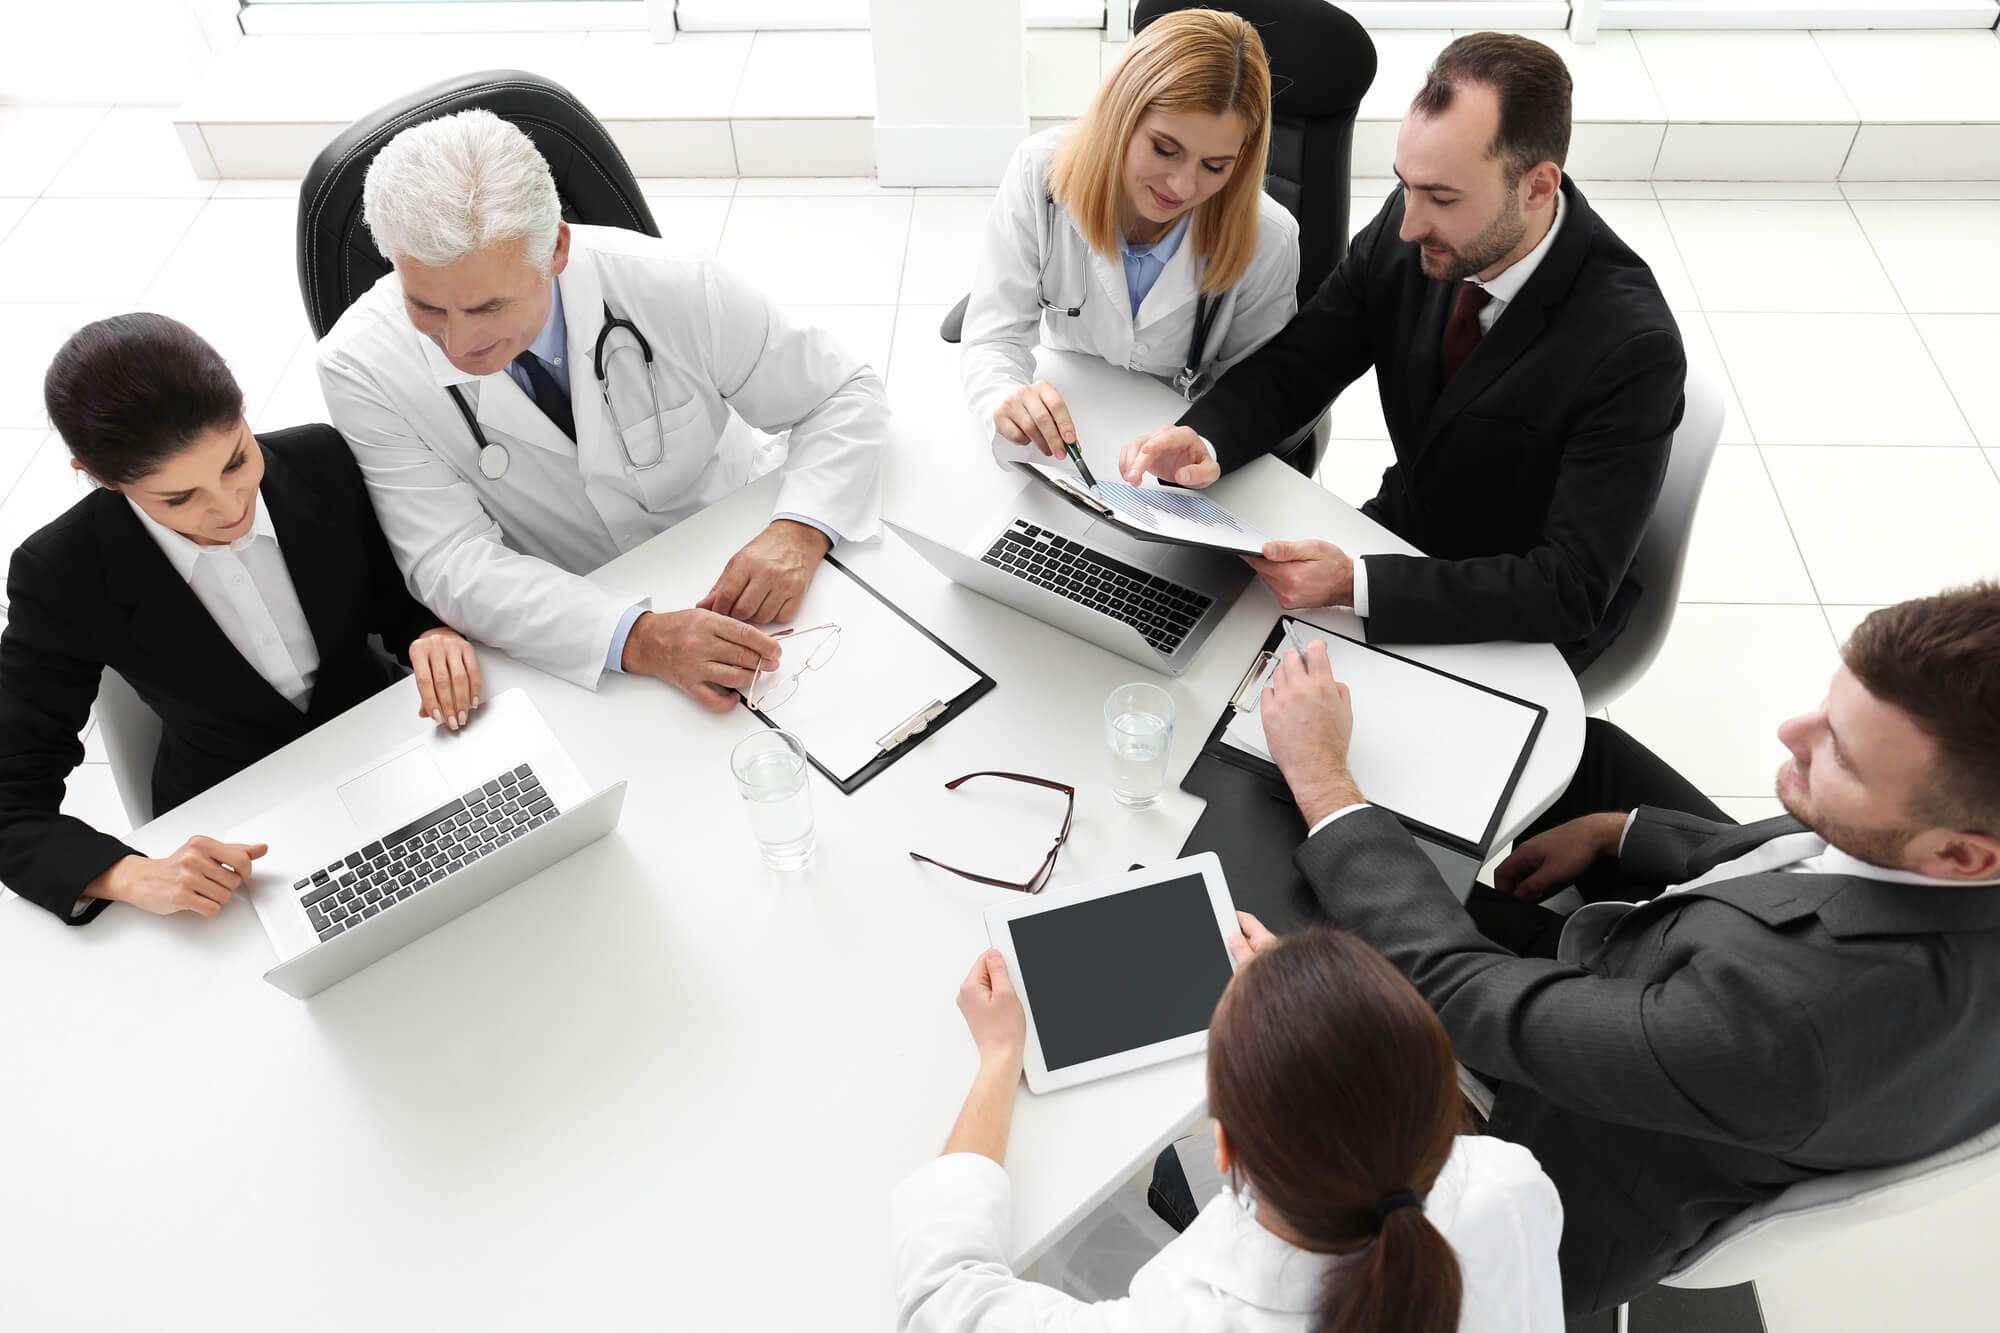 Normas de segurança para clínicas: padrão exigido pelos órgãos de regulamentação